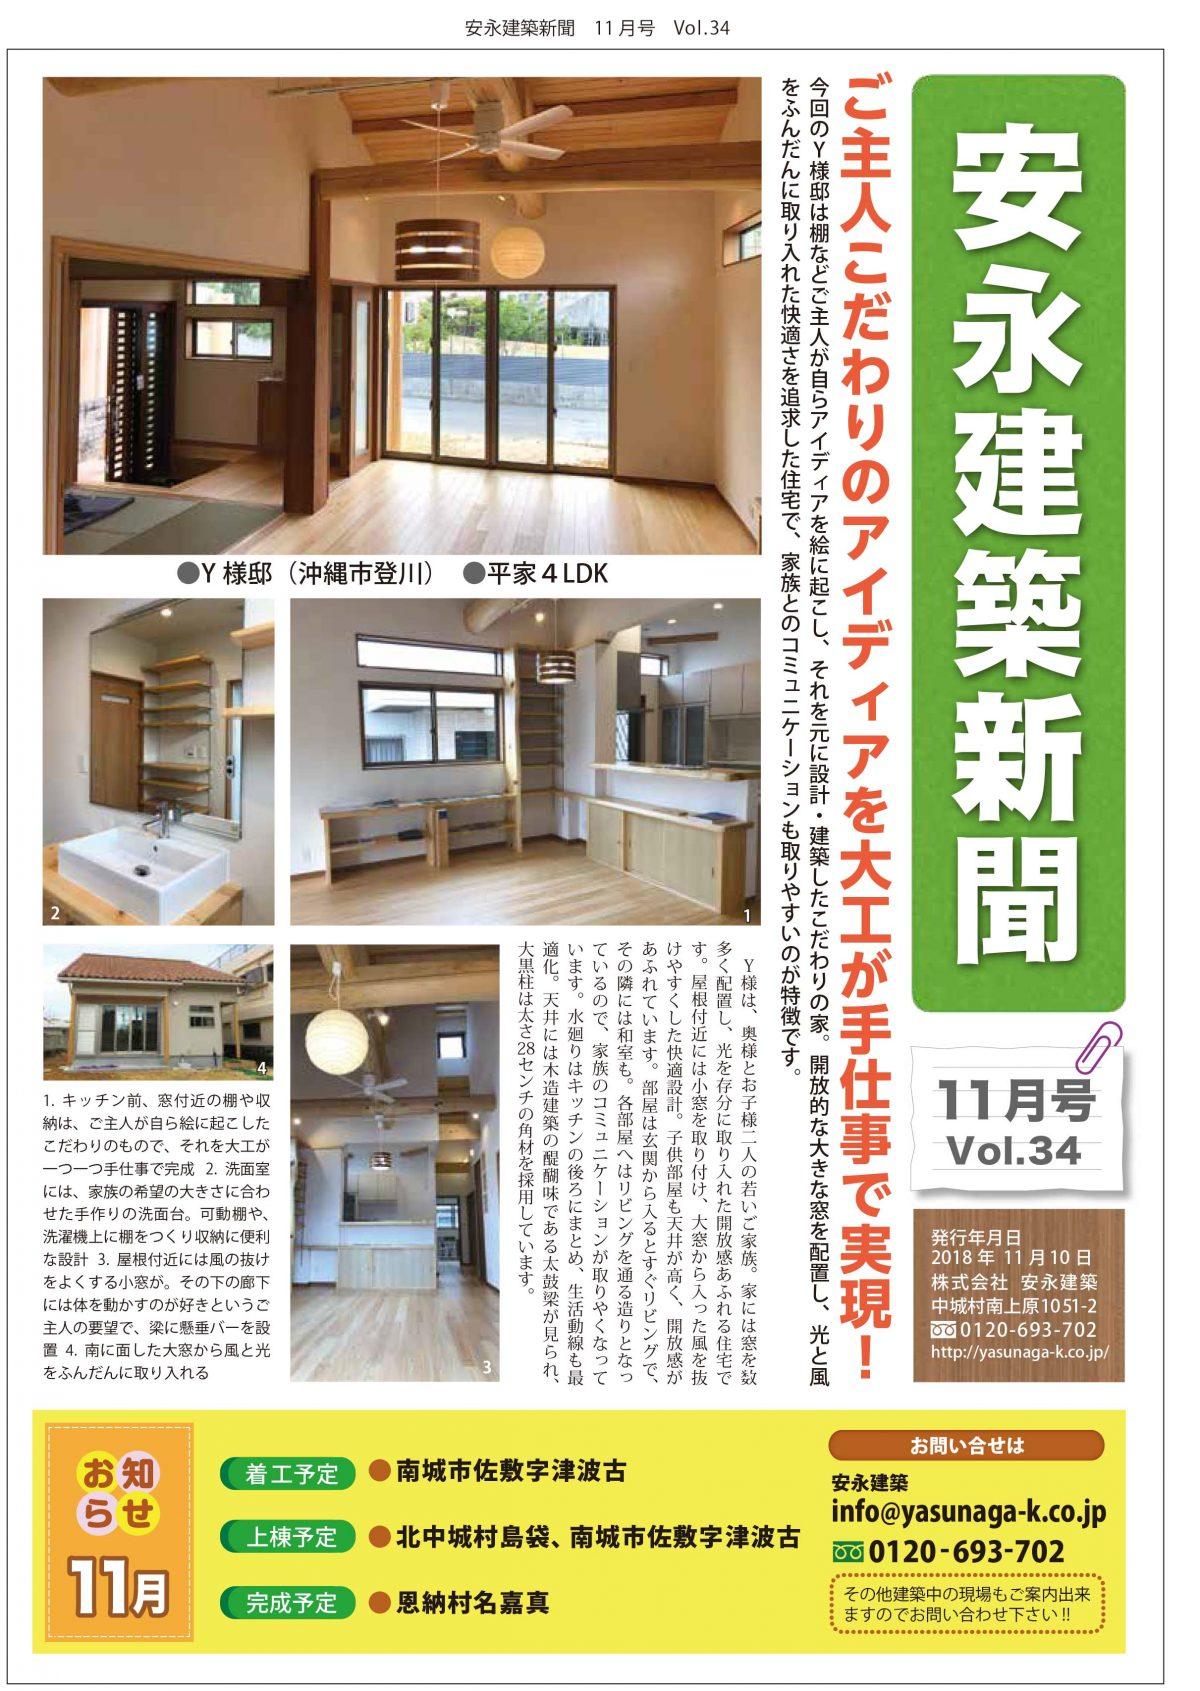 マンガ以外のチラシも可能です! 「安永建築新聞」11月号もやりました!